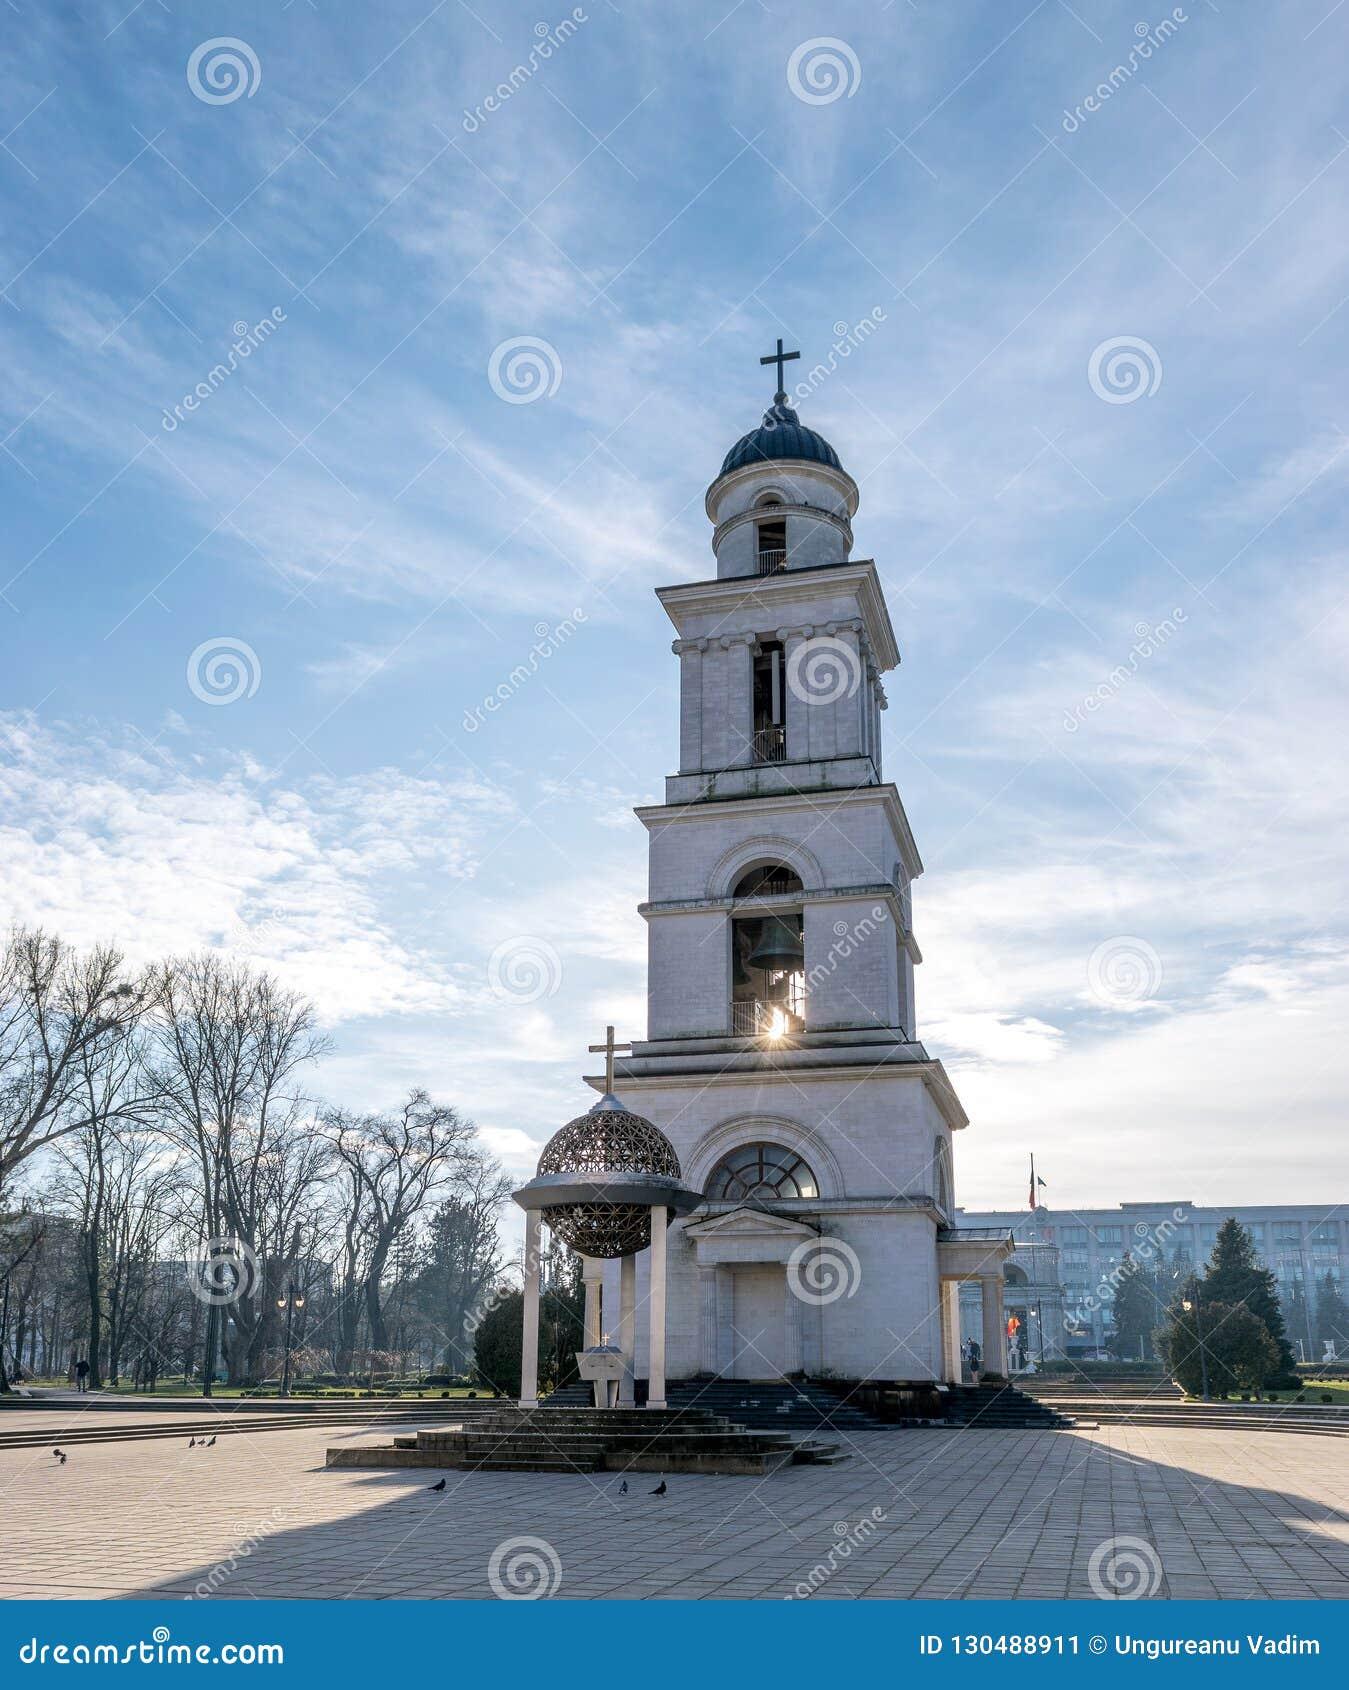 La natividad metropolitana de la catedral del señor, la catedral principal de la iglesia ortodoxa moldava en Chisinau central, el